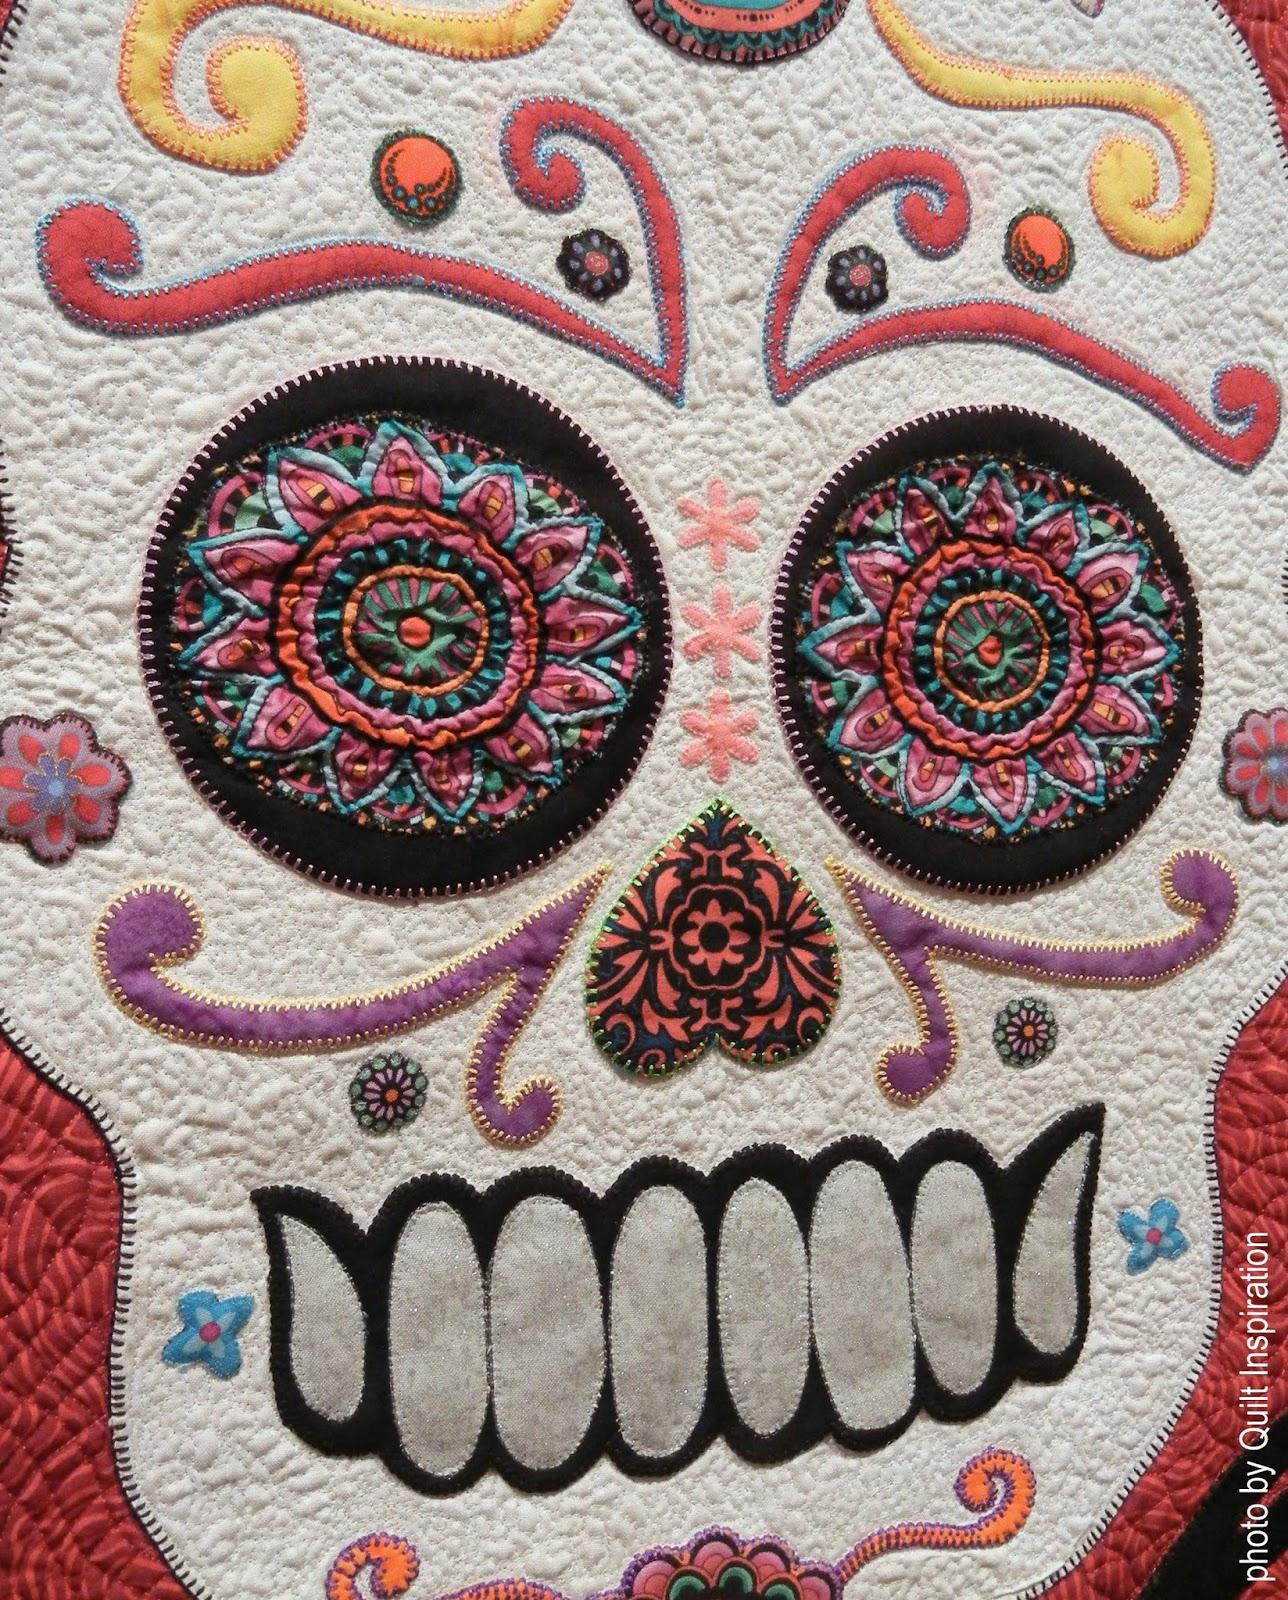 Sugar Skull Quilt : sugar, skull, quilt, Quilt, Inspiration:, Calavera, Azucar, (Sugar, Skull)